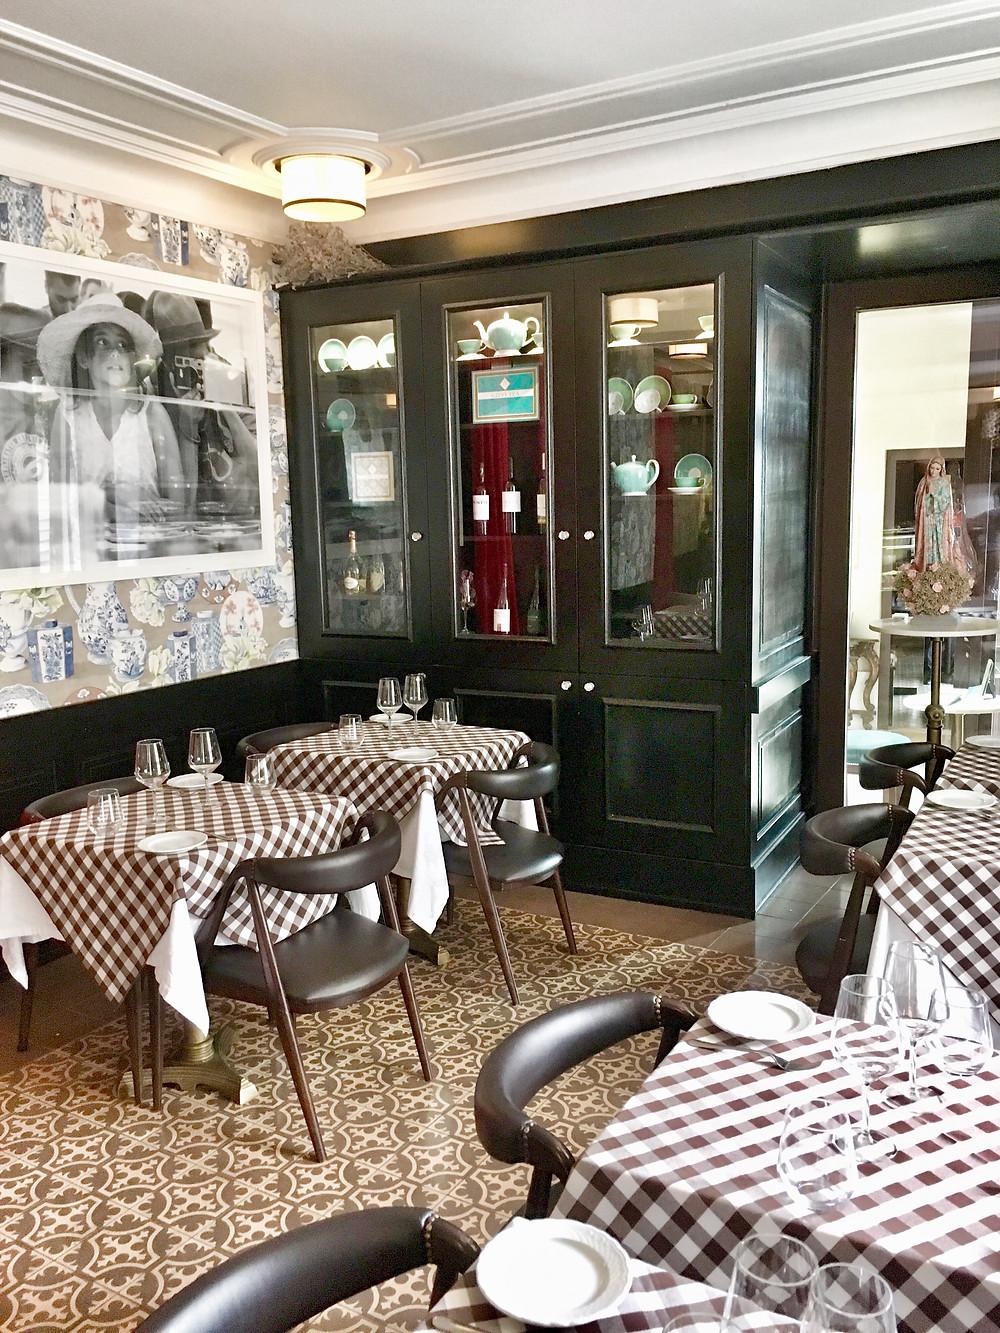 Restaurant Audrey's in Lisbon